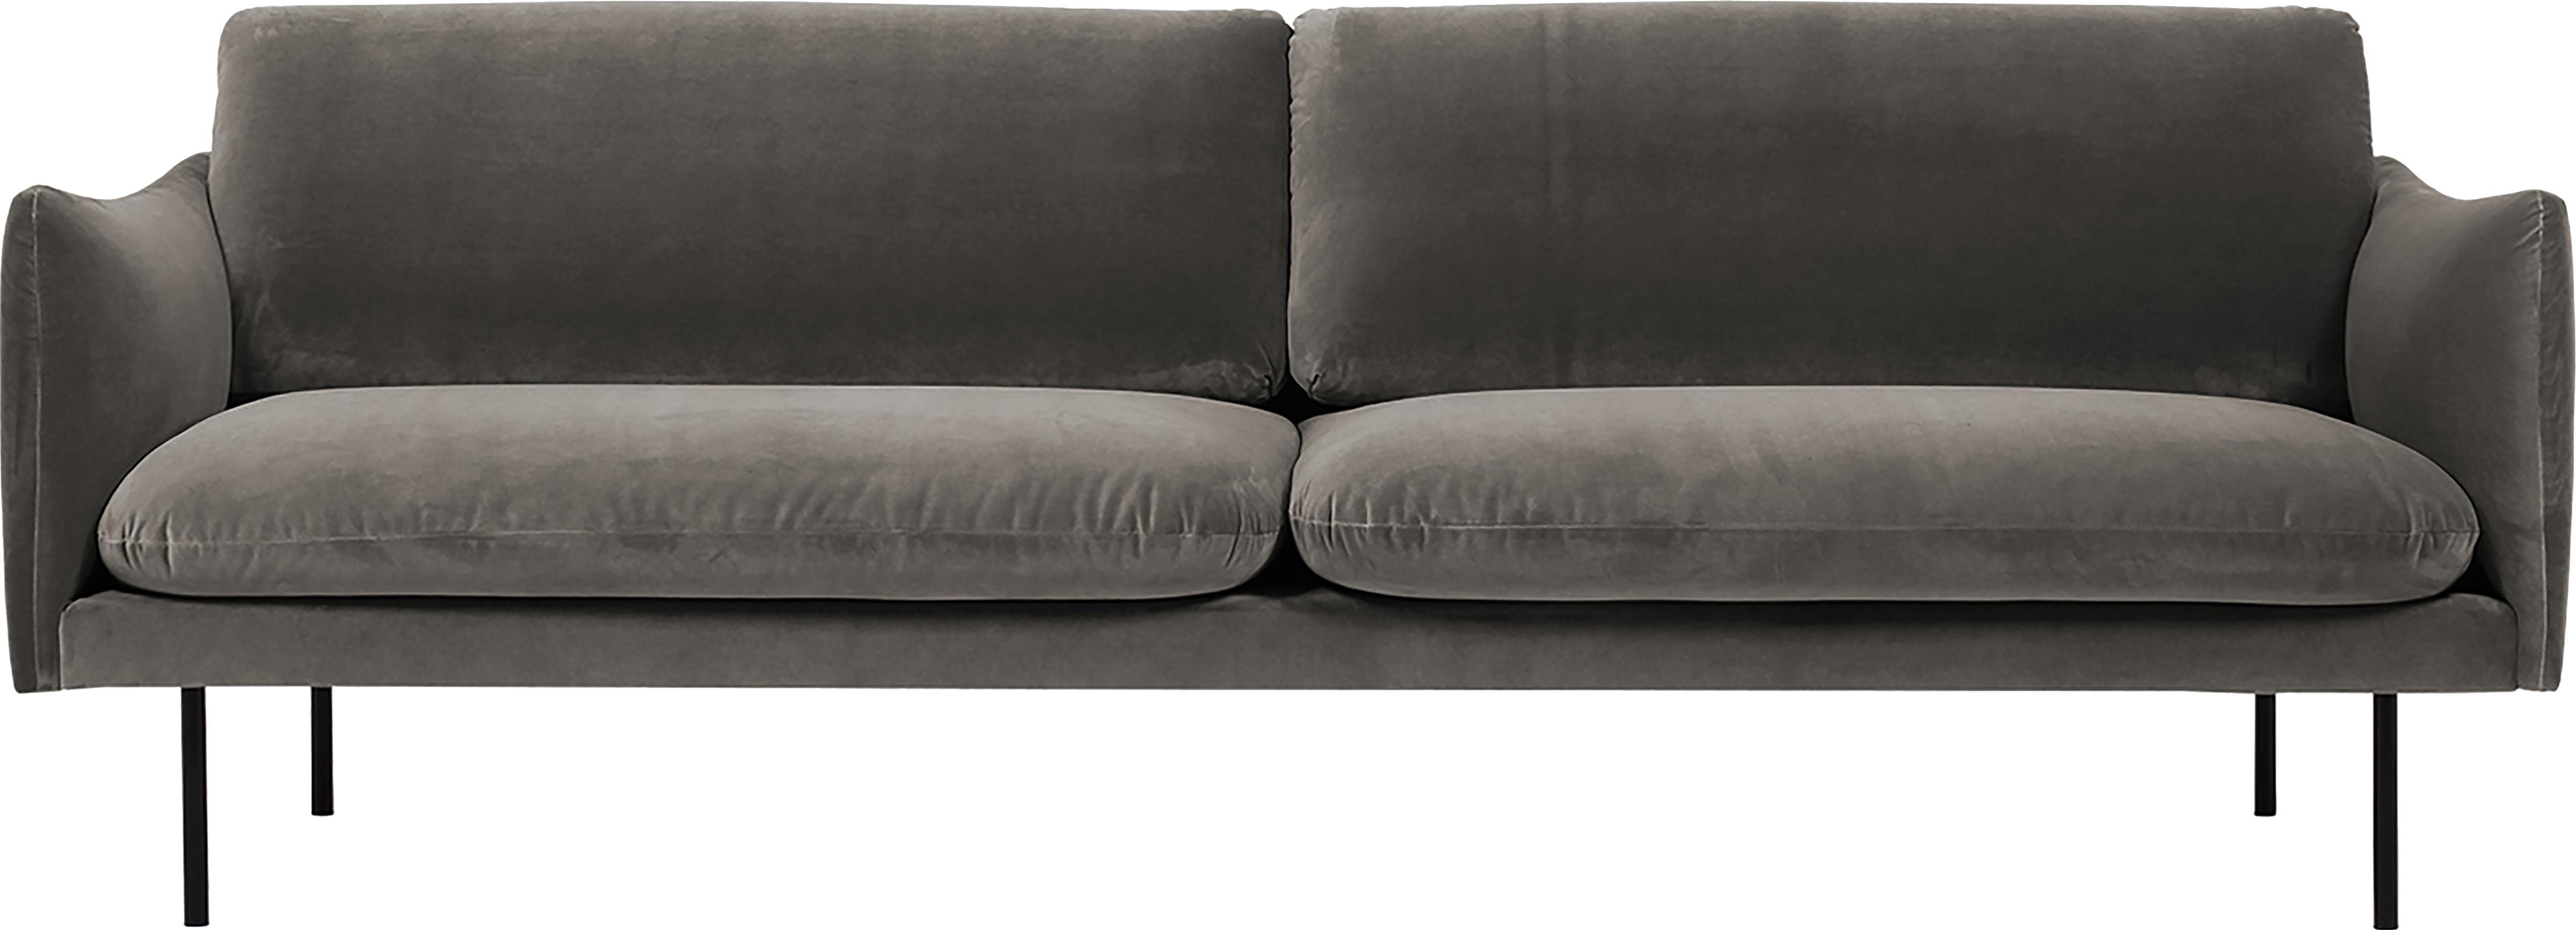 Fluwelen bank Moby (3-zits), Bekleding: fluweel (hoogwaardige pol, Frame: massief grenenhout, Poten: gepoedercoat metaal, Bruin, B 220 x D 95 cm